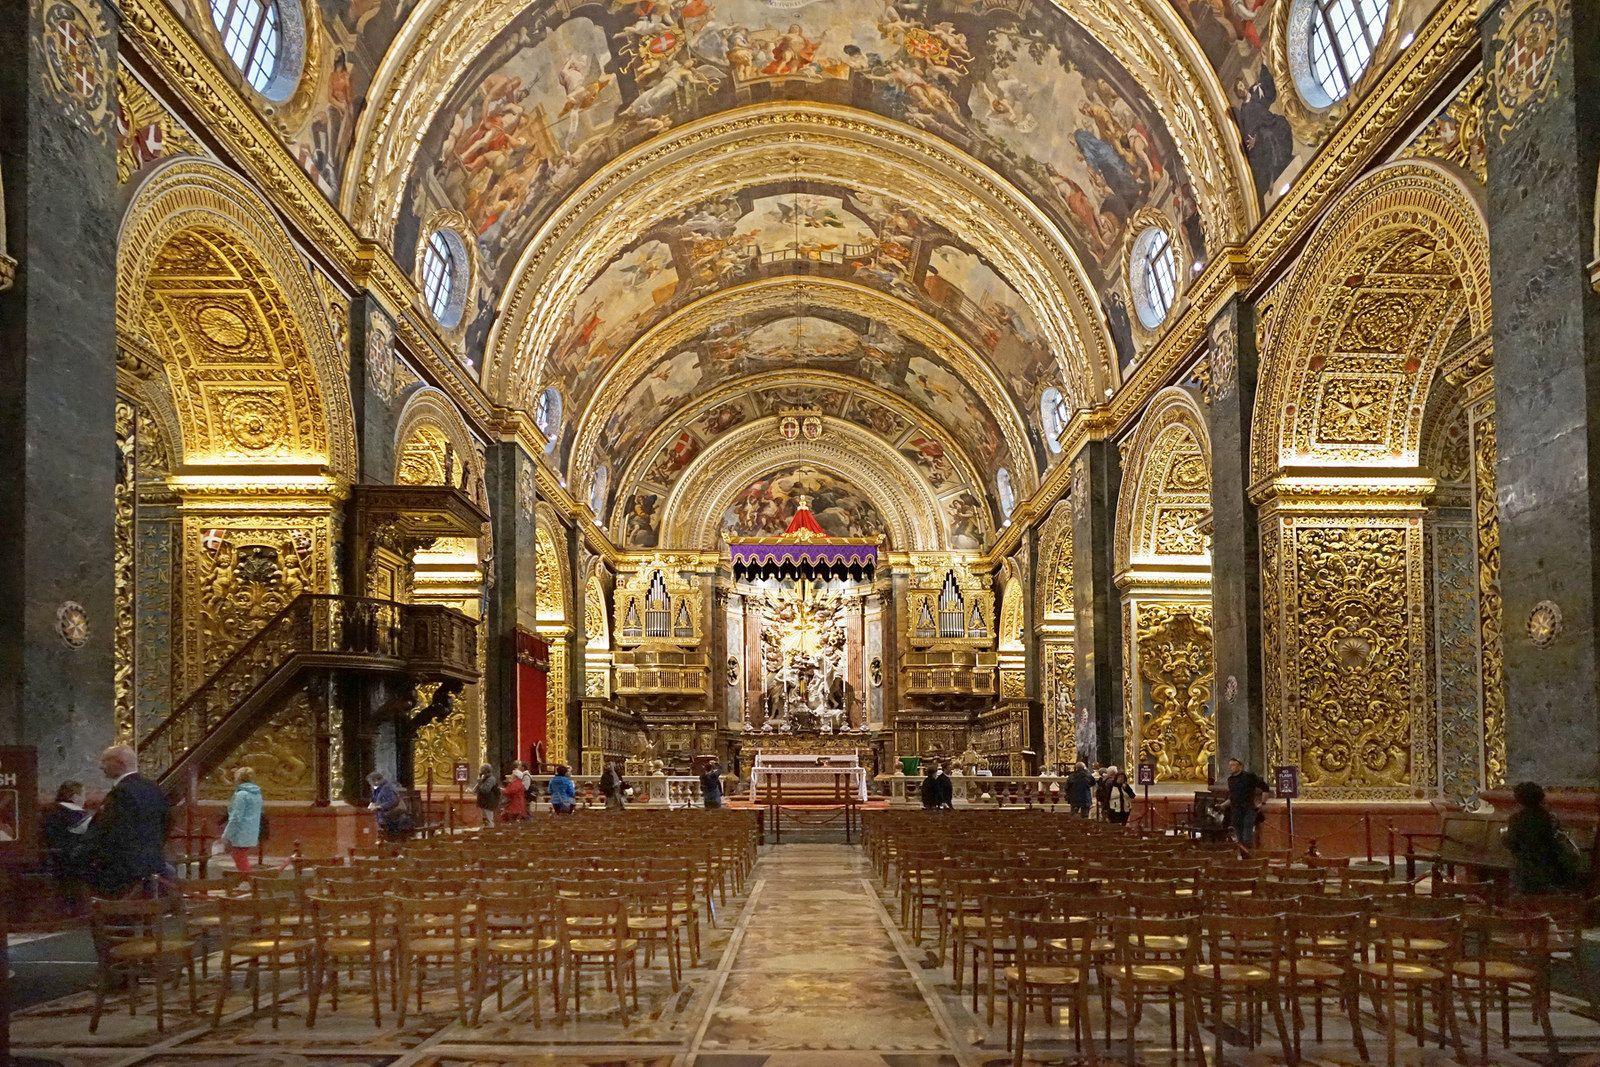 Co-cathédrale Saint-Jean - La Valette - Malte